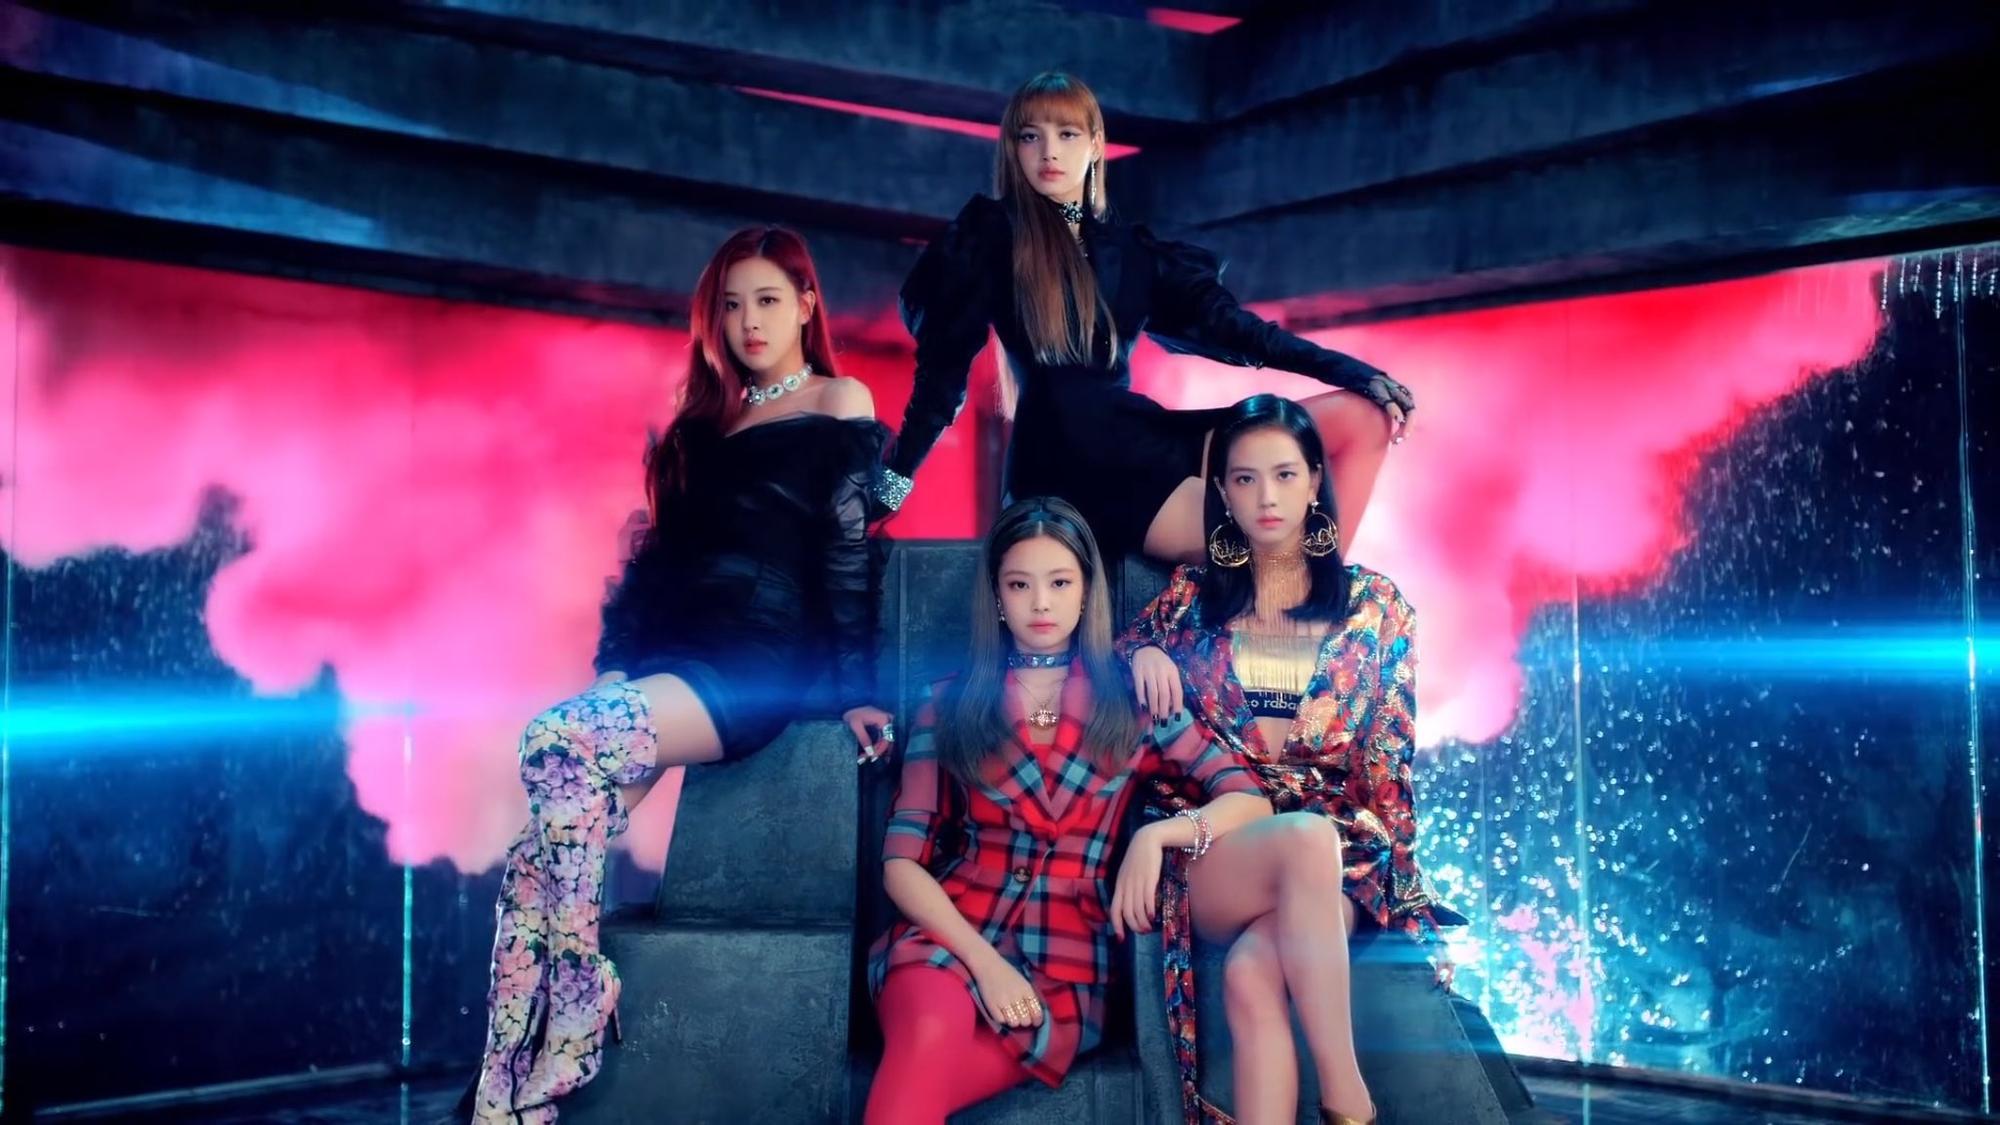 """Cho rằng Jennie luôn được mặc đồ nổi nhất nhóm, fan Black Pink lại tiếp tục """"khẩu chiến"""" tơi bời - Ảnh 1."""